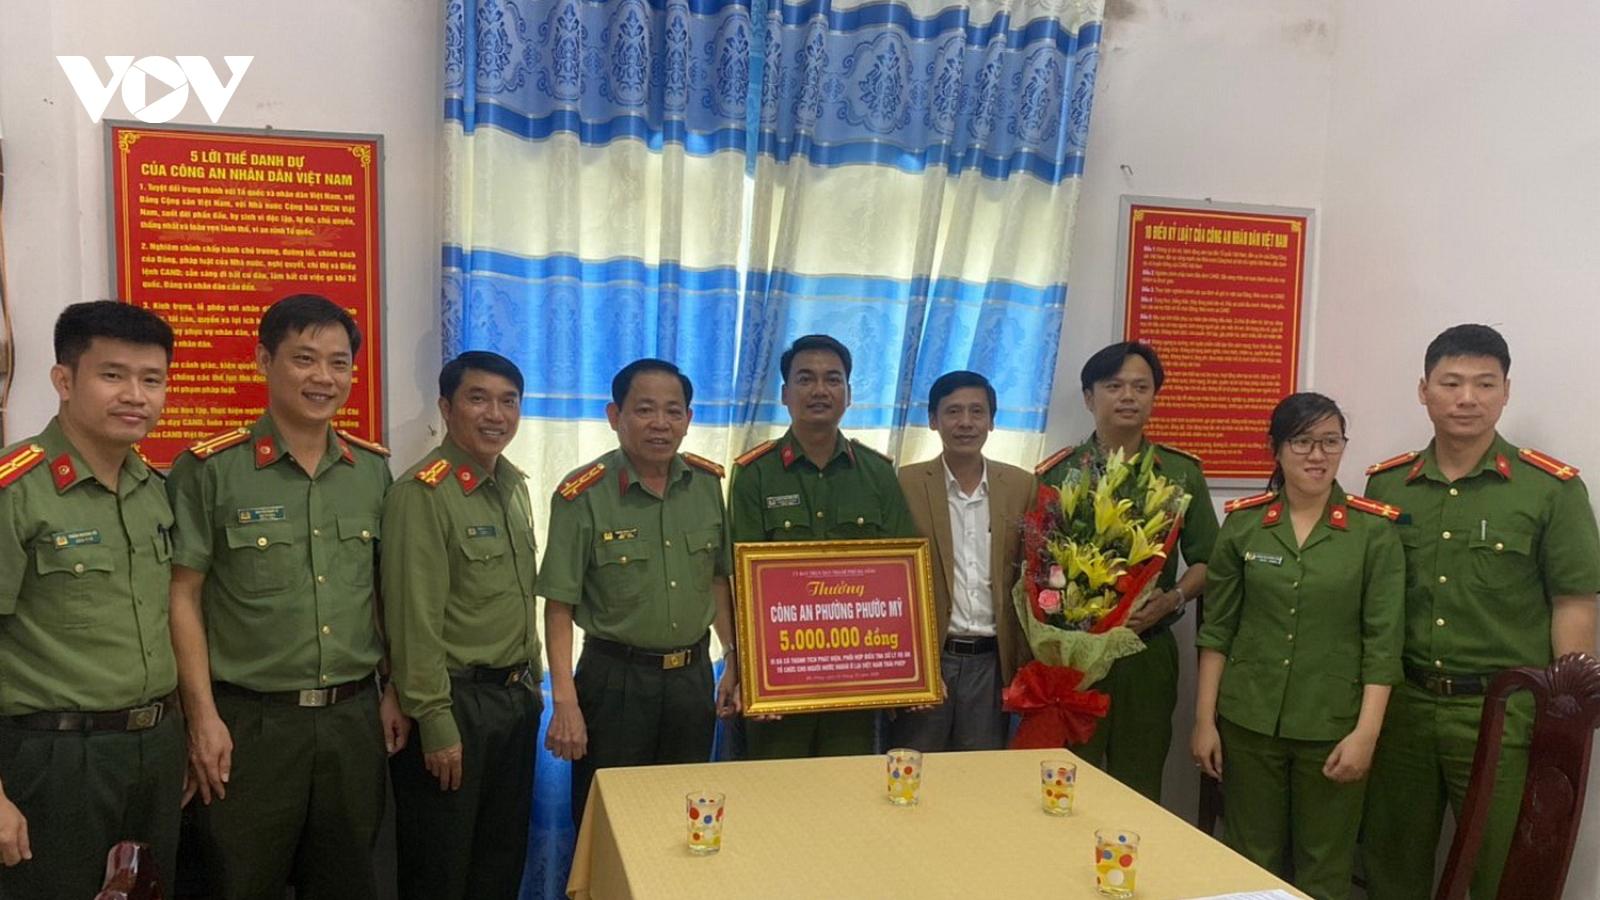 Phát hiện khách Trung Quốc lưu trú trái phép tại 1 khách sạn ở Đà Nẵng